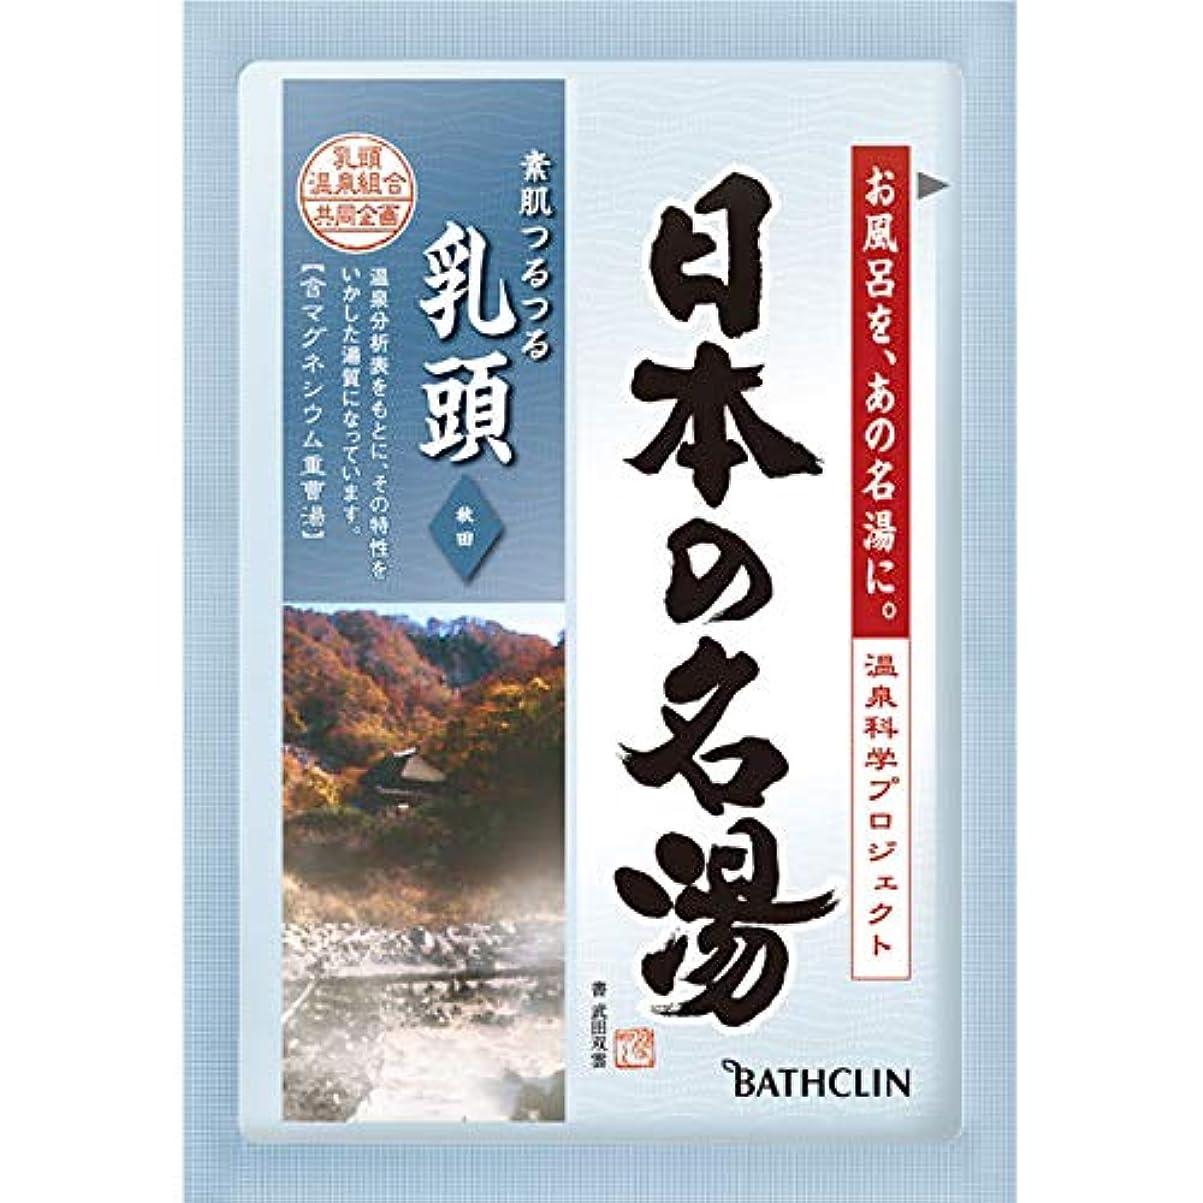 ポーク仮定する疑わしいバスクリン 日本の名湯 乳頭 30g (医薬部外品)